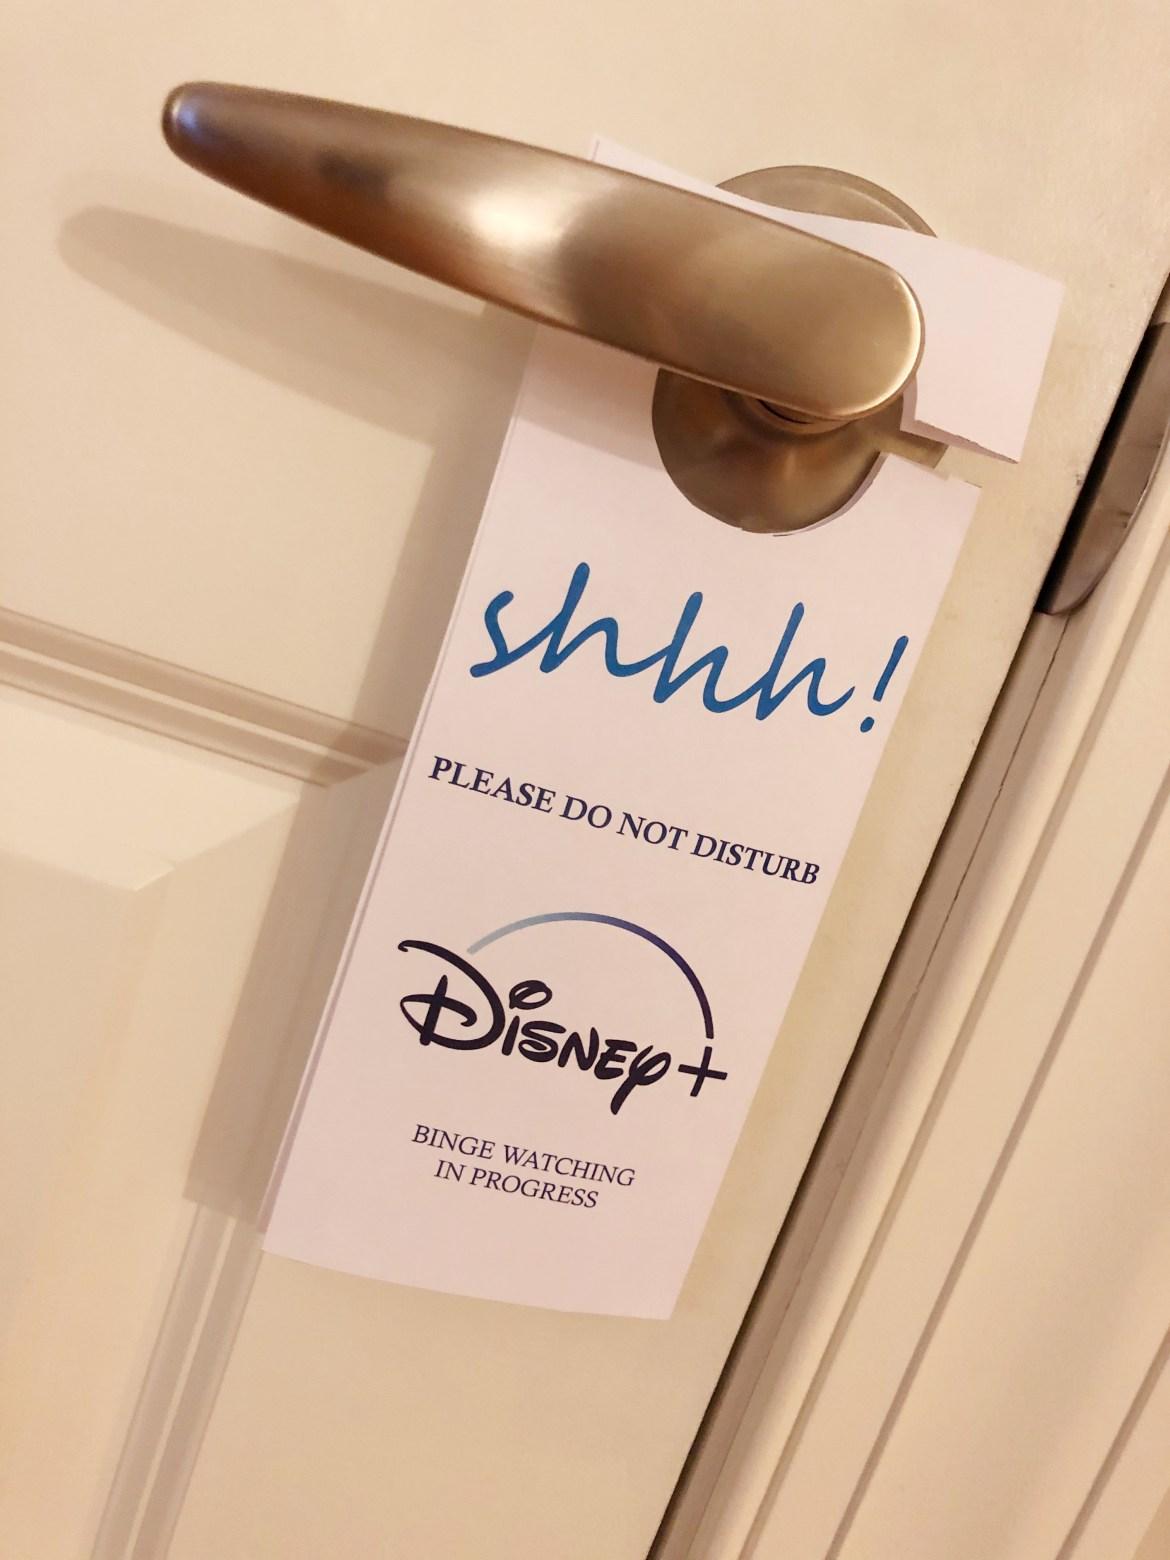 Disney+ door hanger do not disturb sign